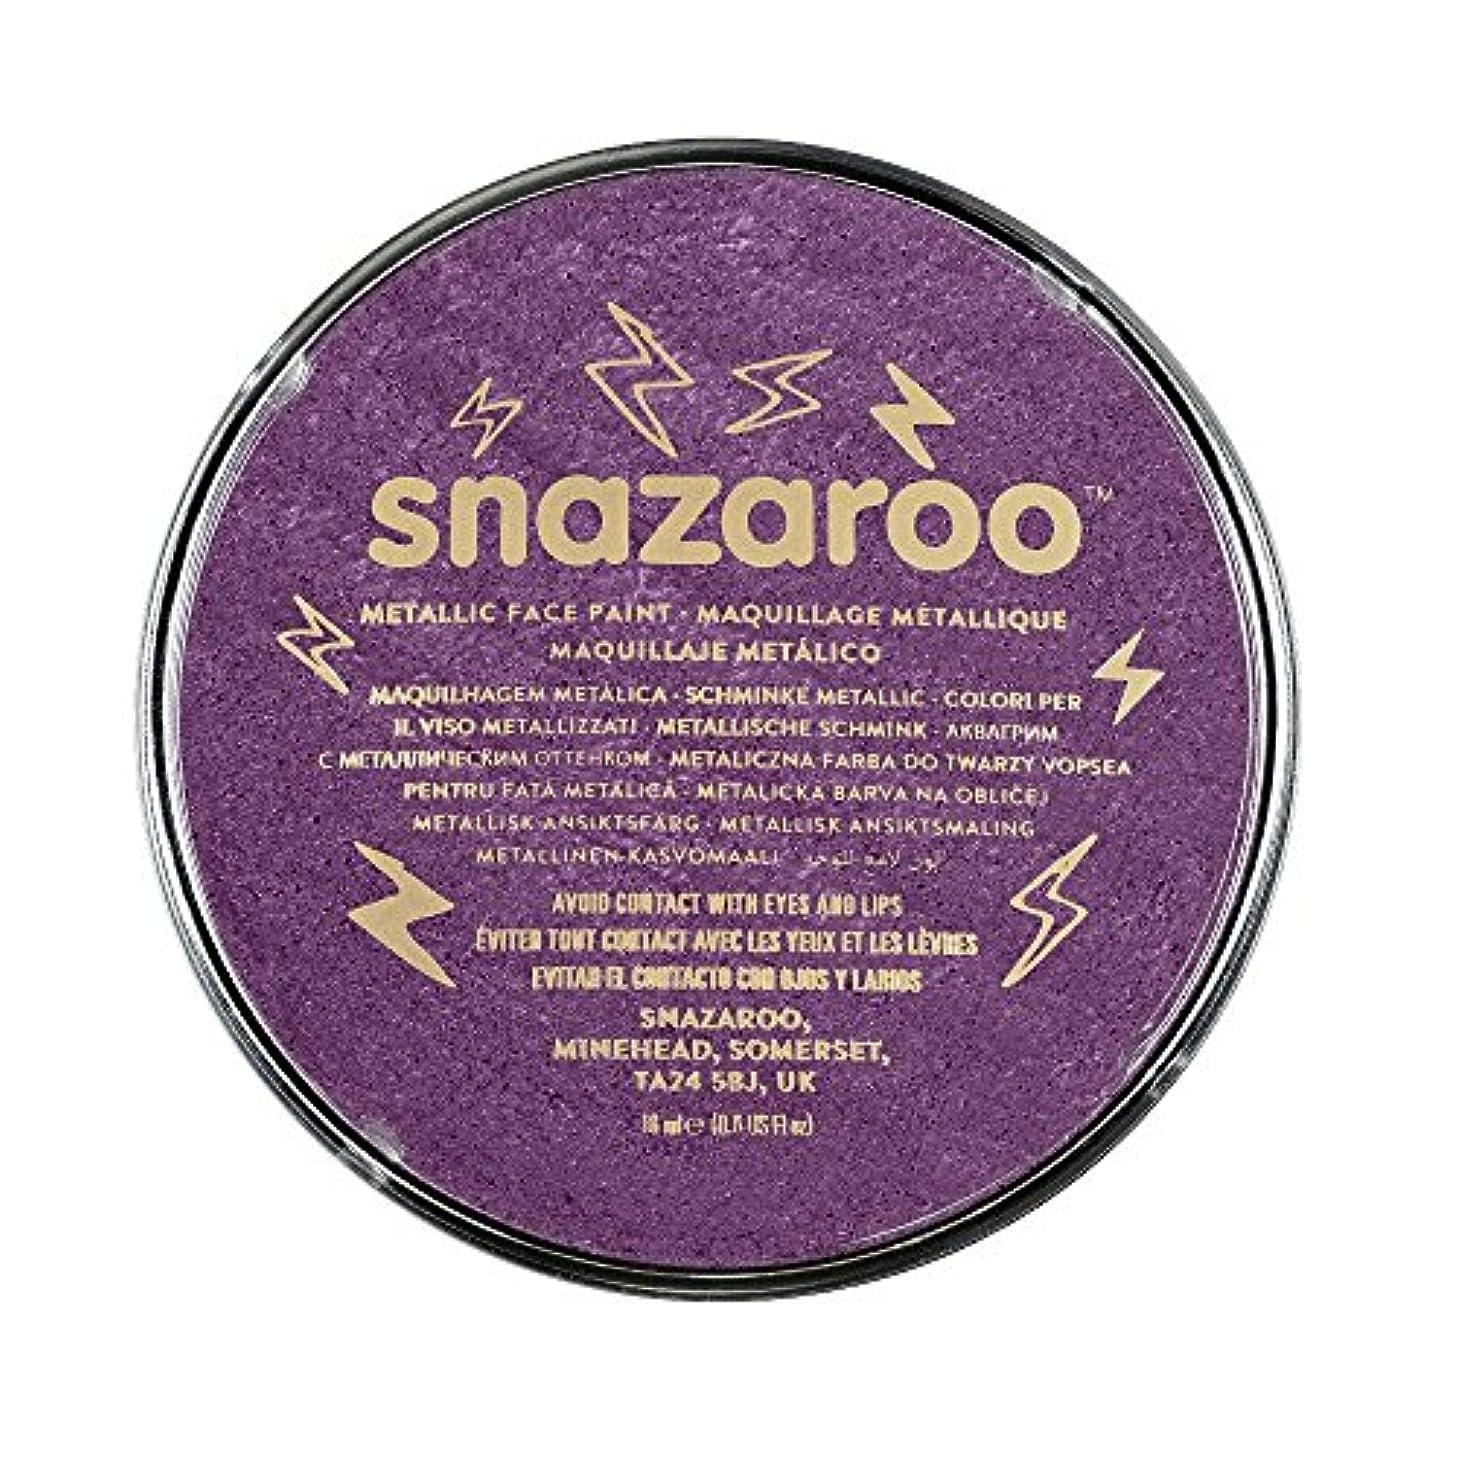 Snazaroo Sparkle Face Paint, 18ml, electric purple/violet